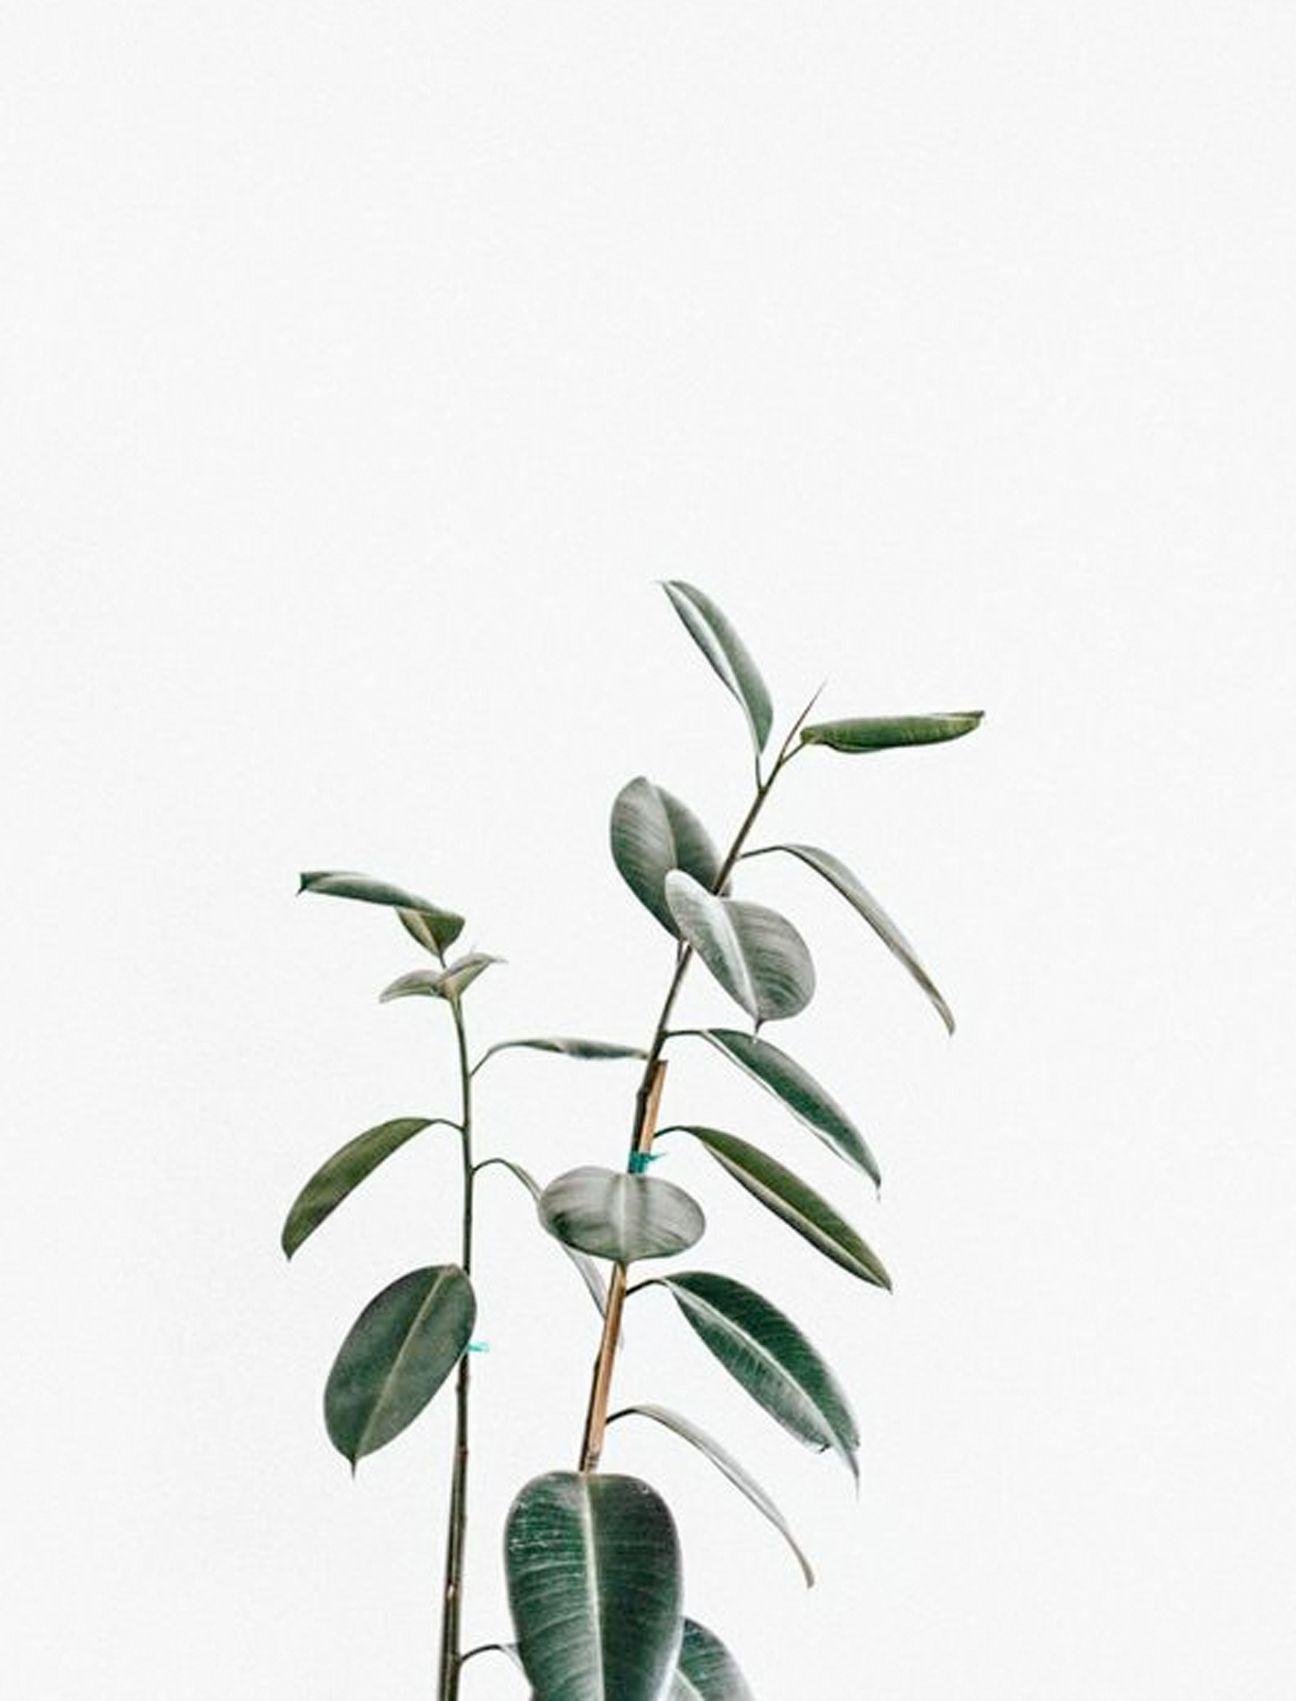 Botanical   minimal   minimal living   minimalist tag ...